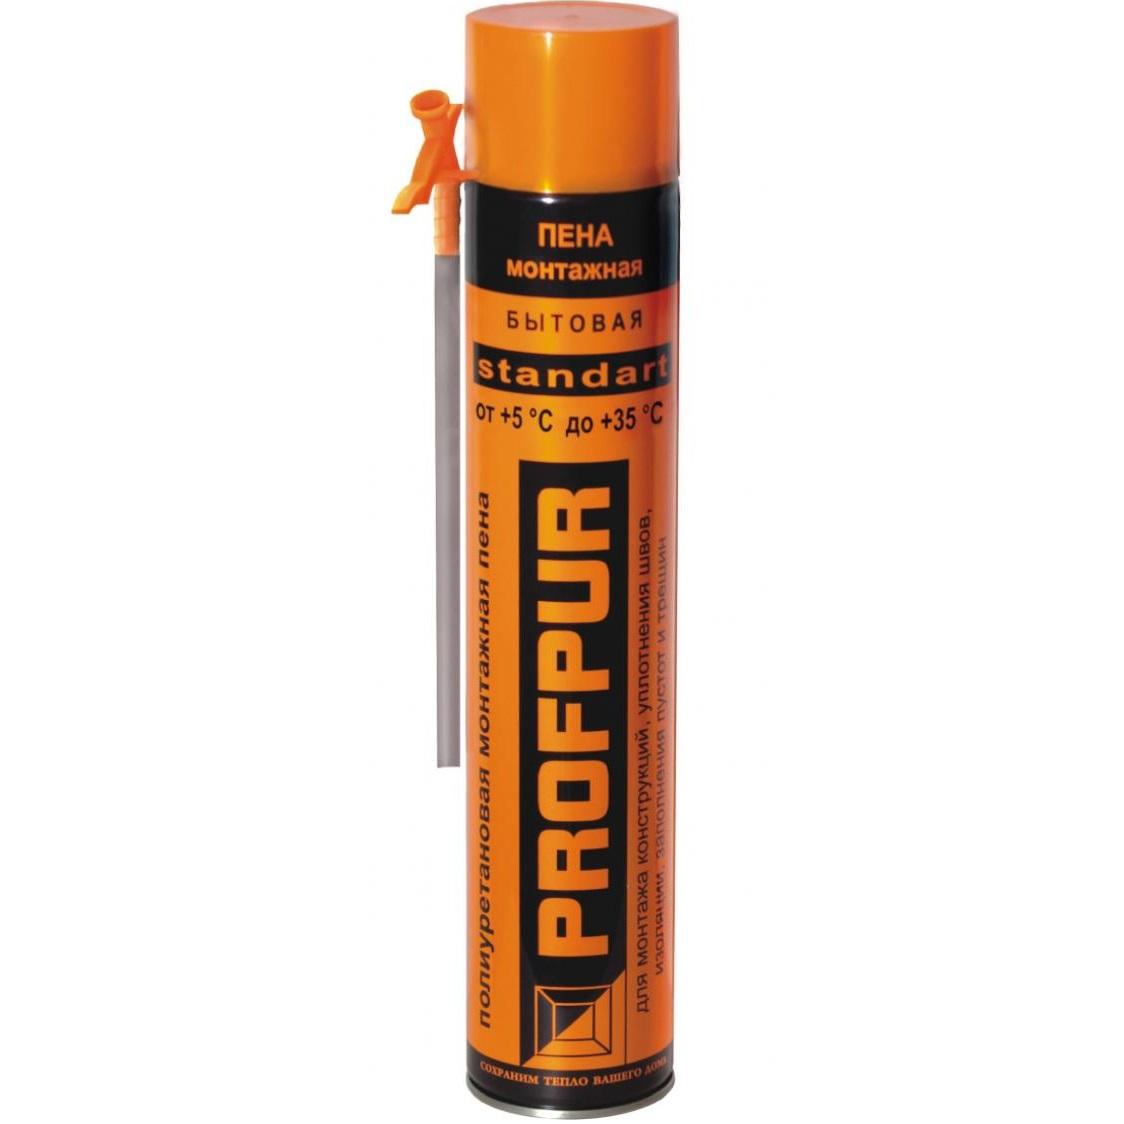 Пена монтажная профессиональная Profpur Ultra, 750 мл